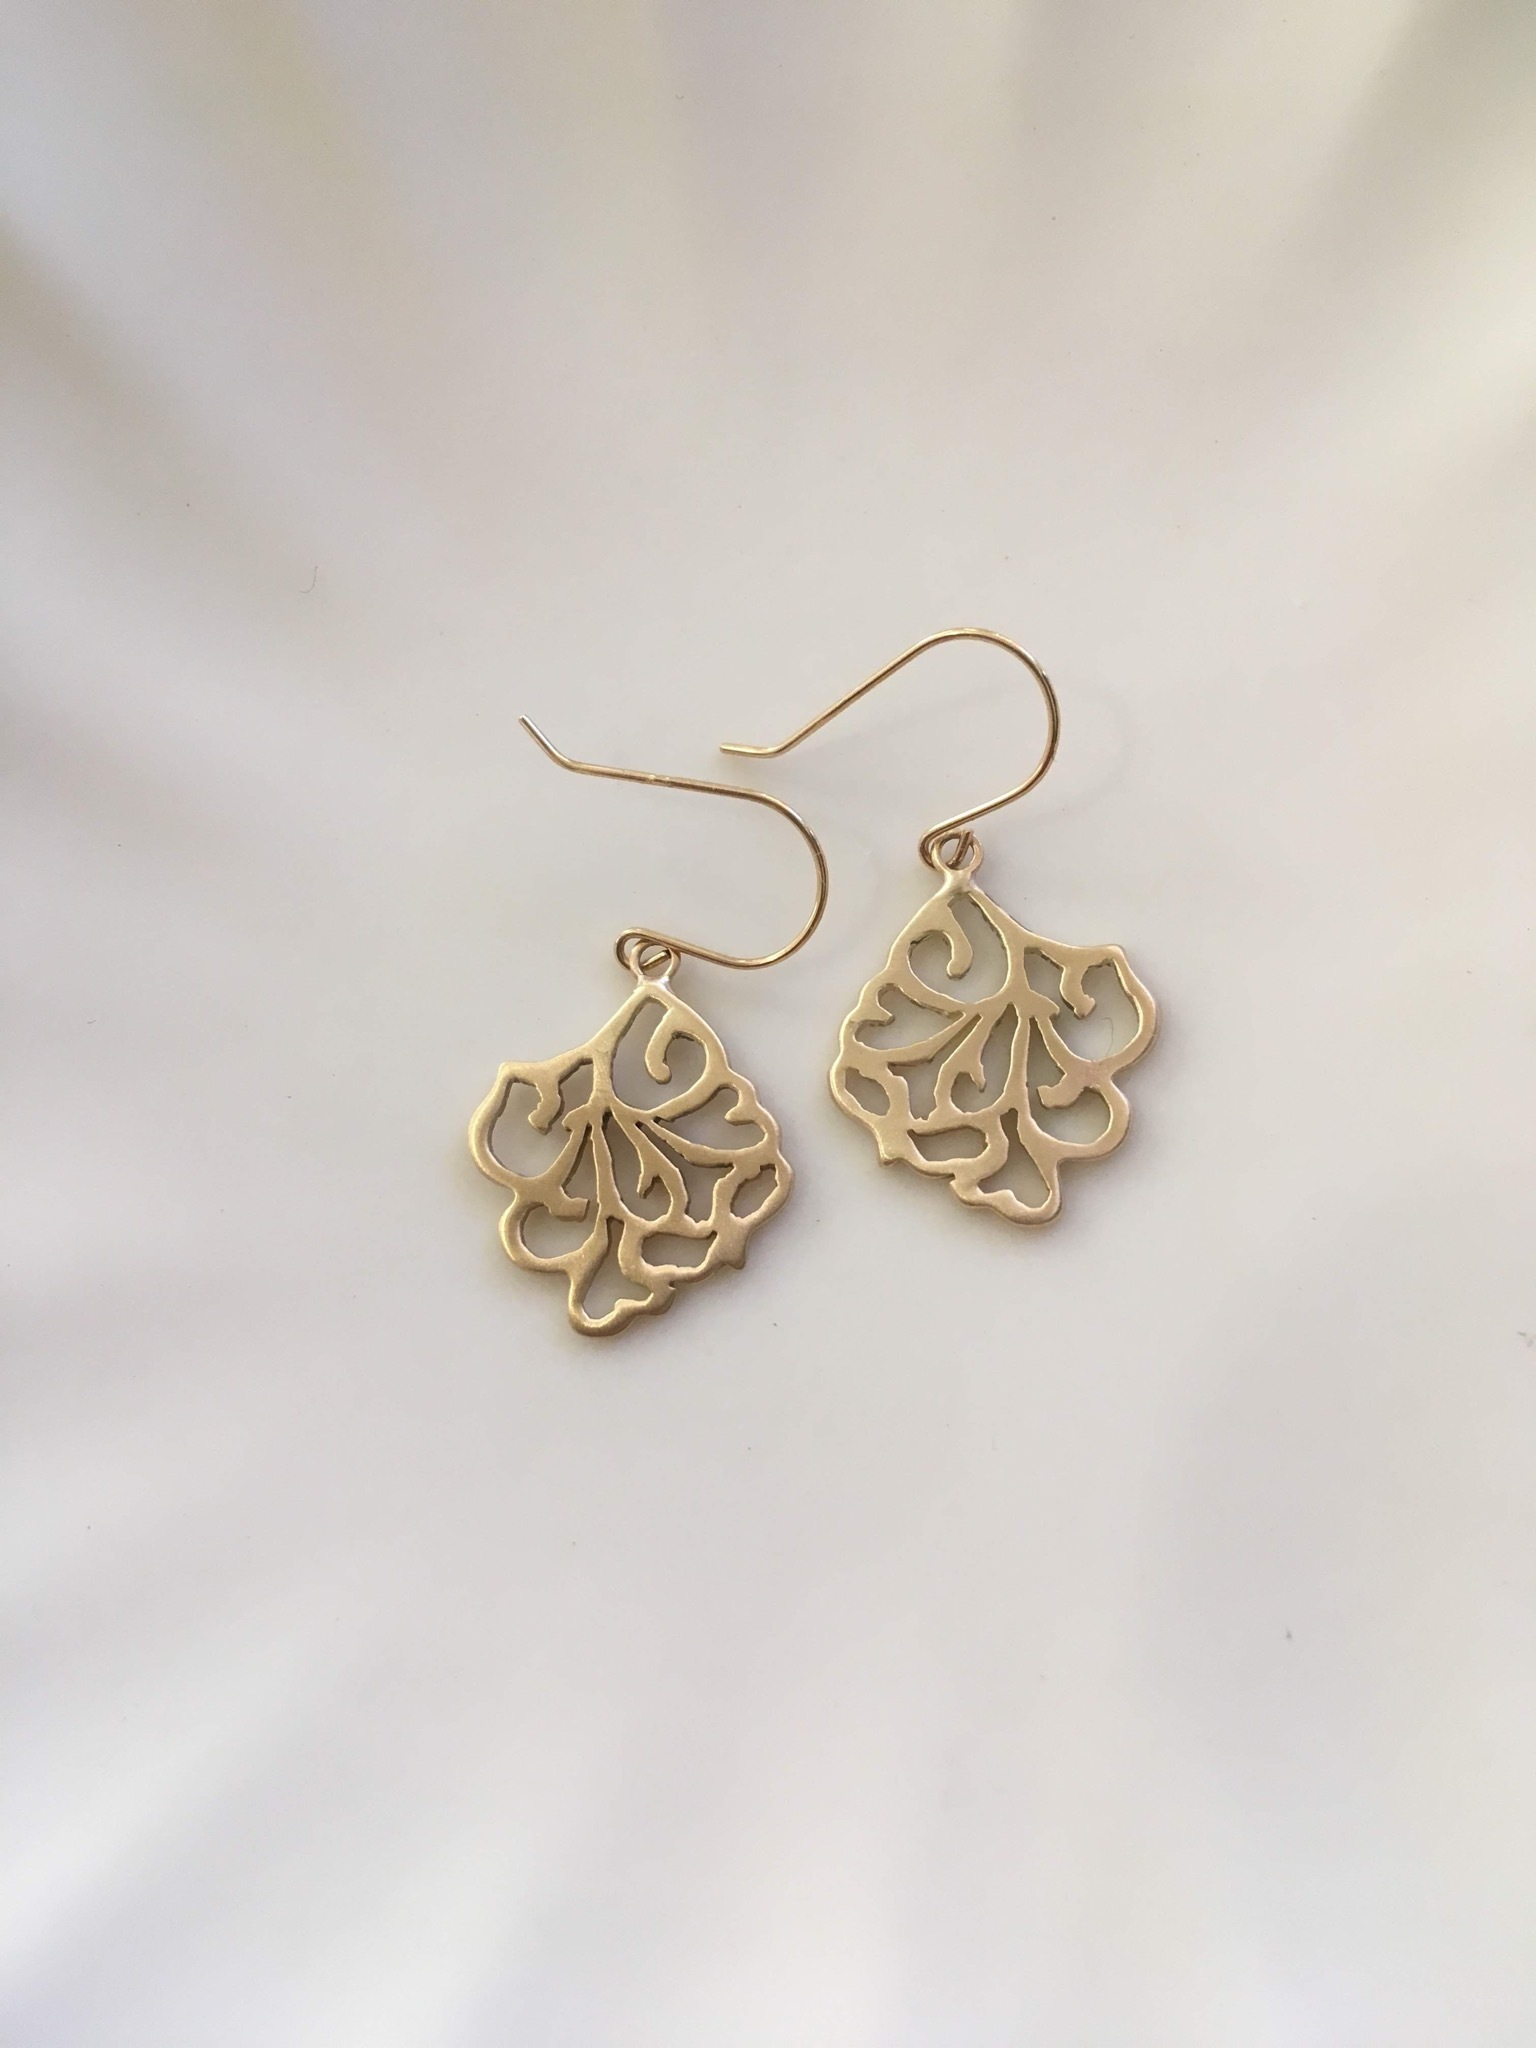 K18 Arabesque Design Earrings square 18金アラベスクデザインピアス(イヤリング)スクエアー